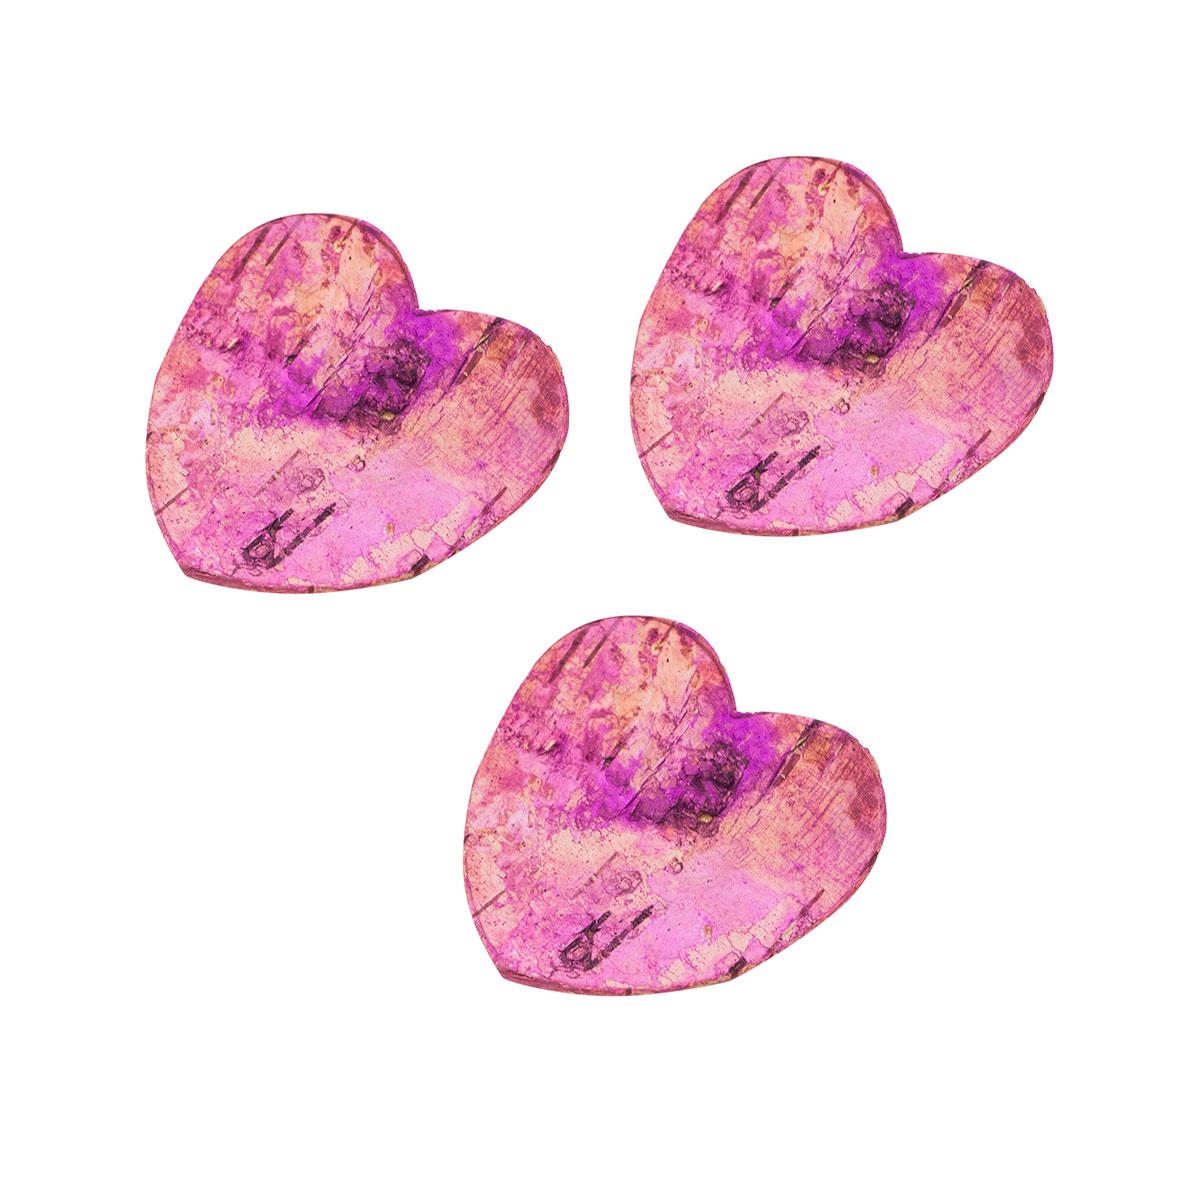 YW254 Декоративные элементы из коры дерева 'Сердце' , 5см, 10шт/уп (розовый) фото